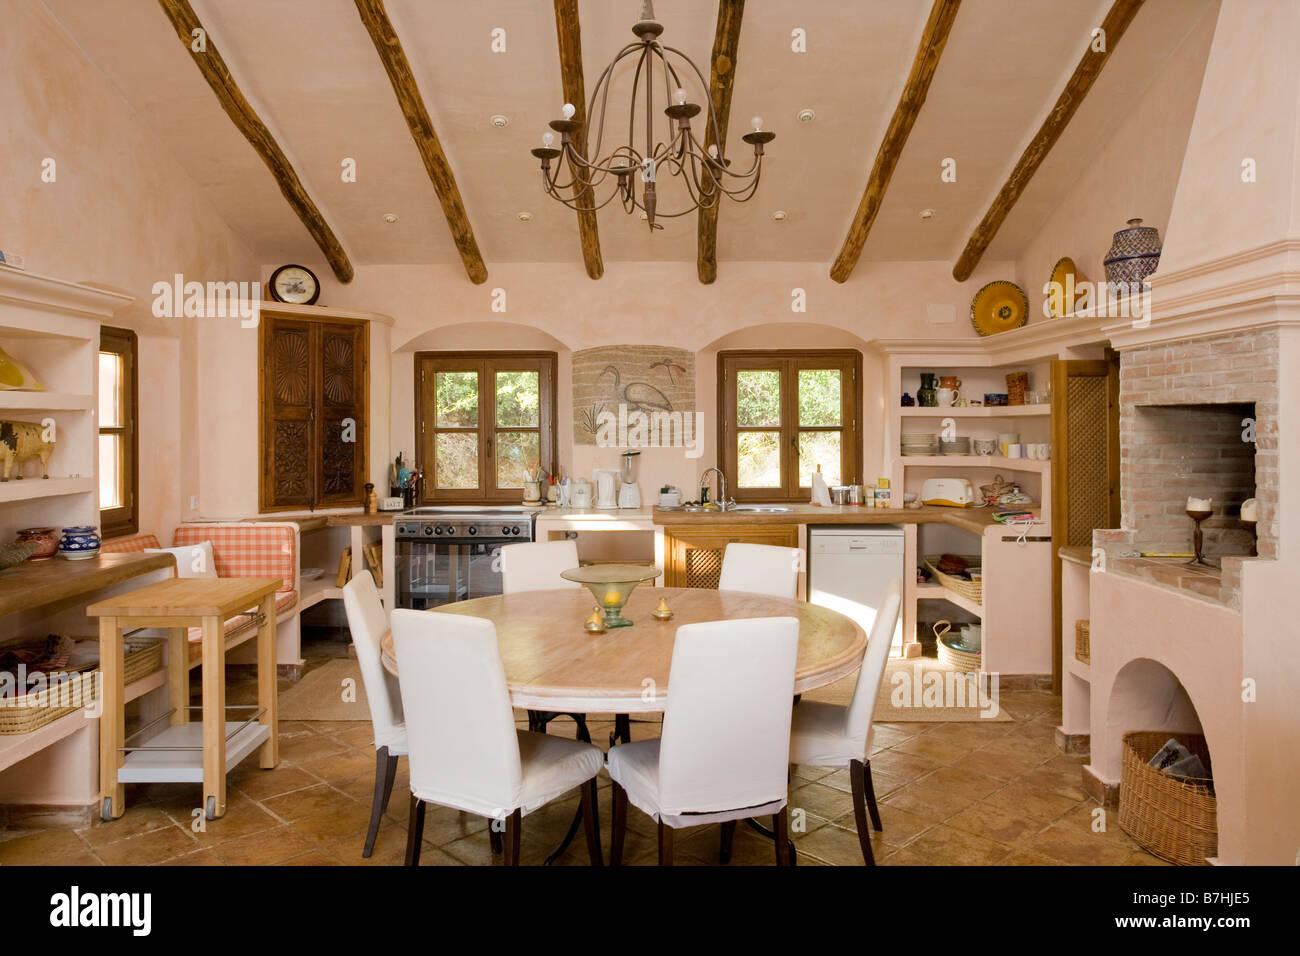 Weiße Loosecovers auf Stühlen am runden Tisch im rustikalen ...